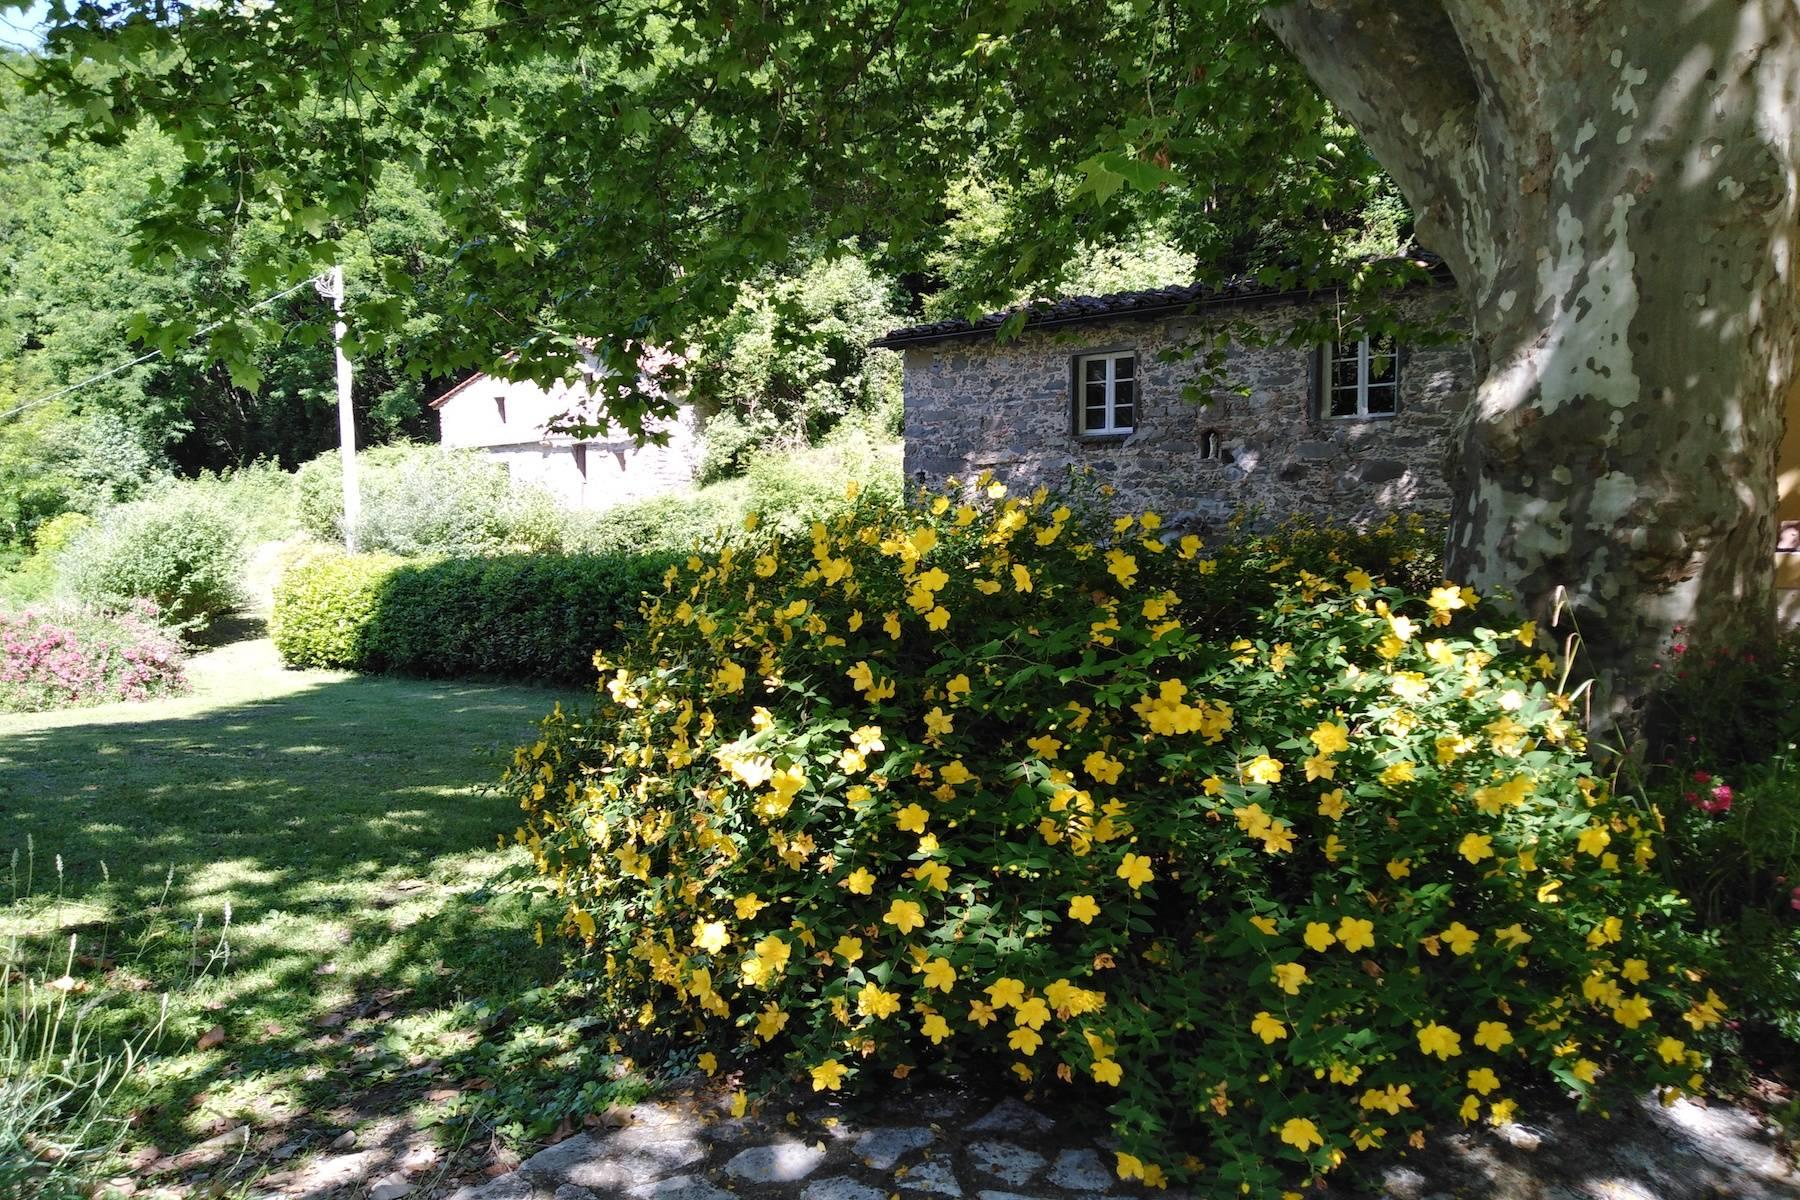 Maison de campagne enchantée sur les collines autour de Lucca - 17